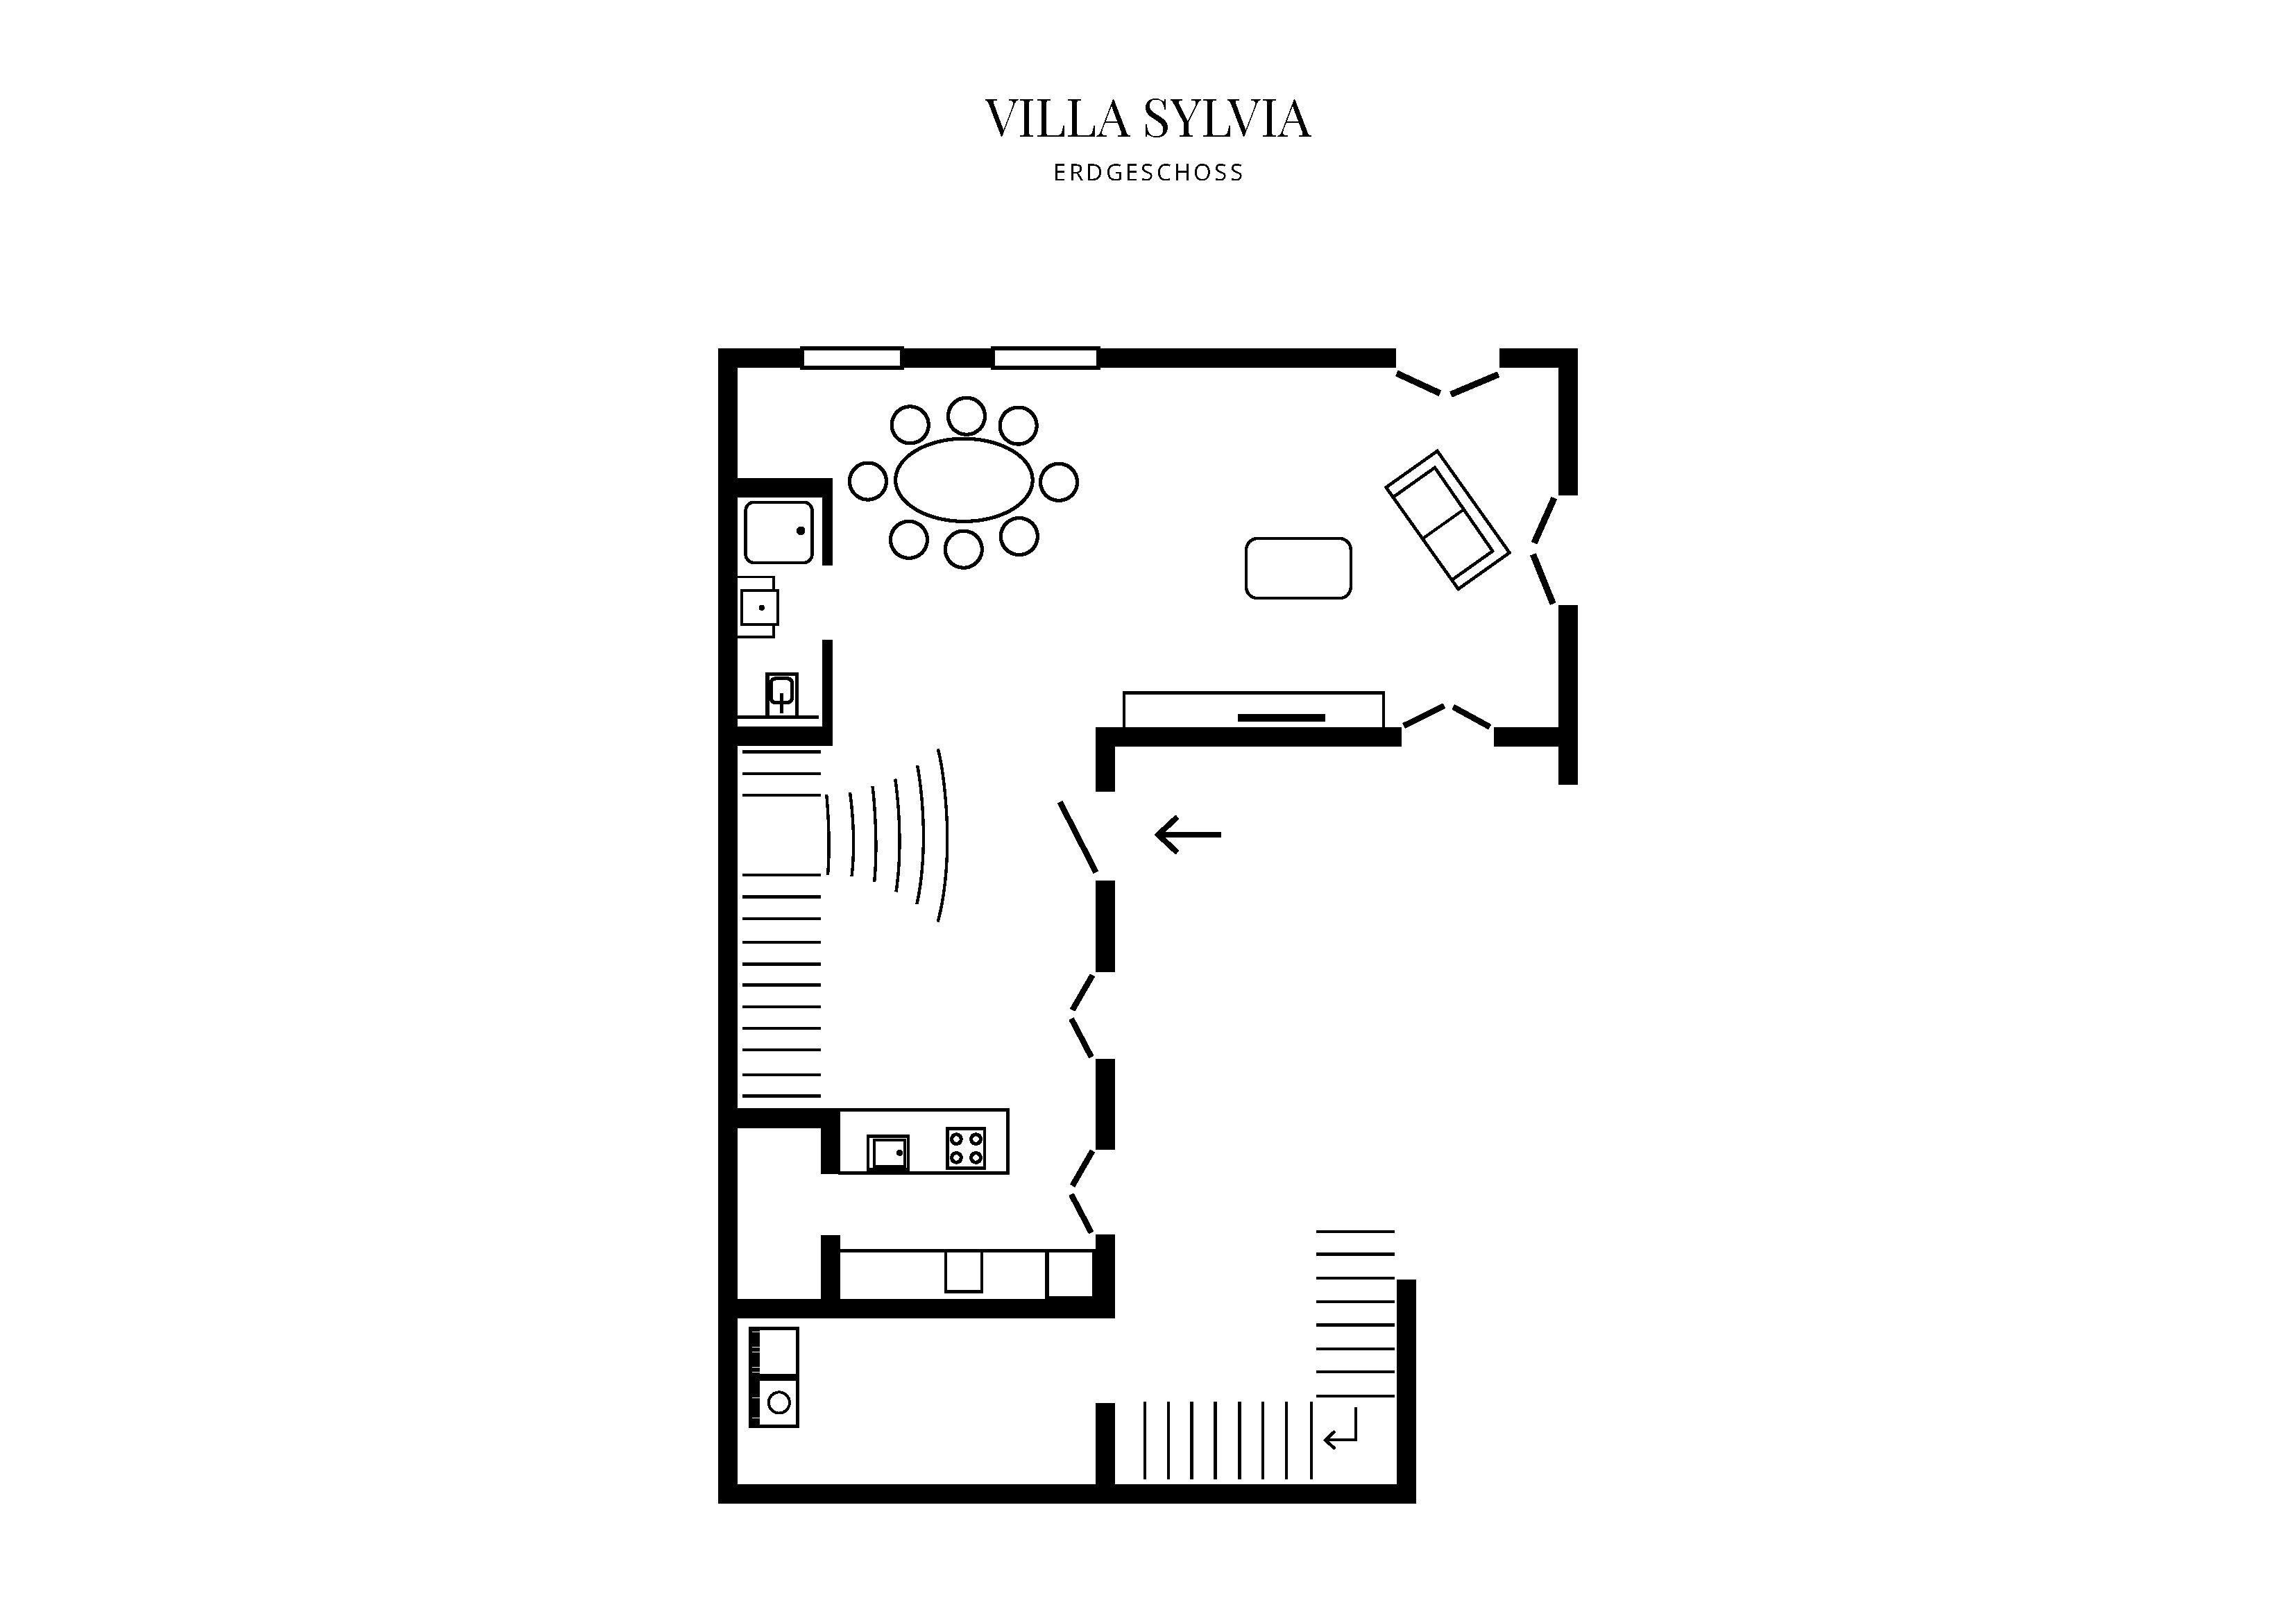 Grafik Grundriss Erdgeschoss Villa Sylvia